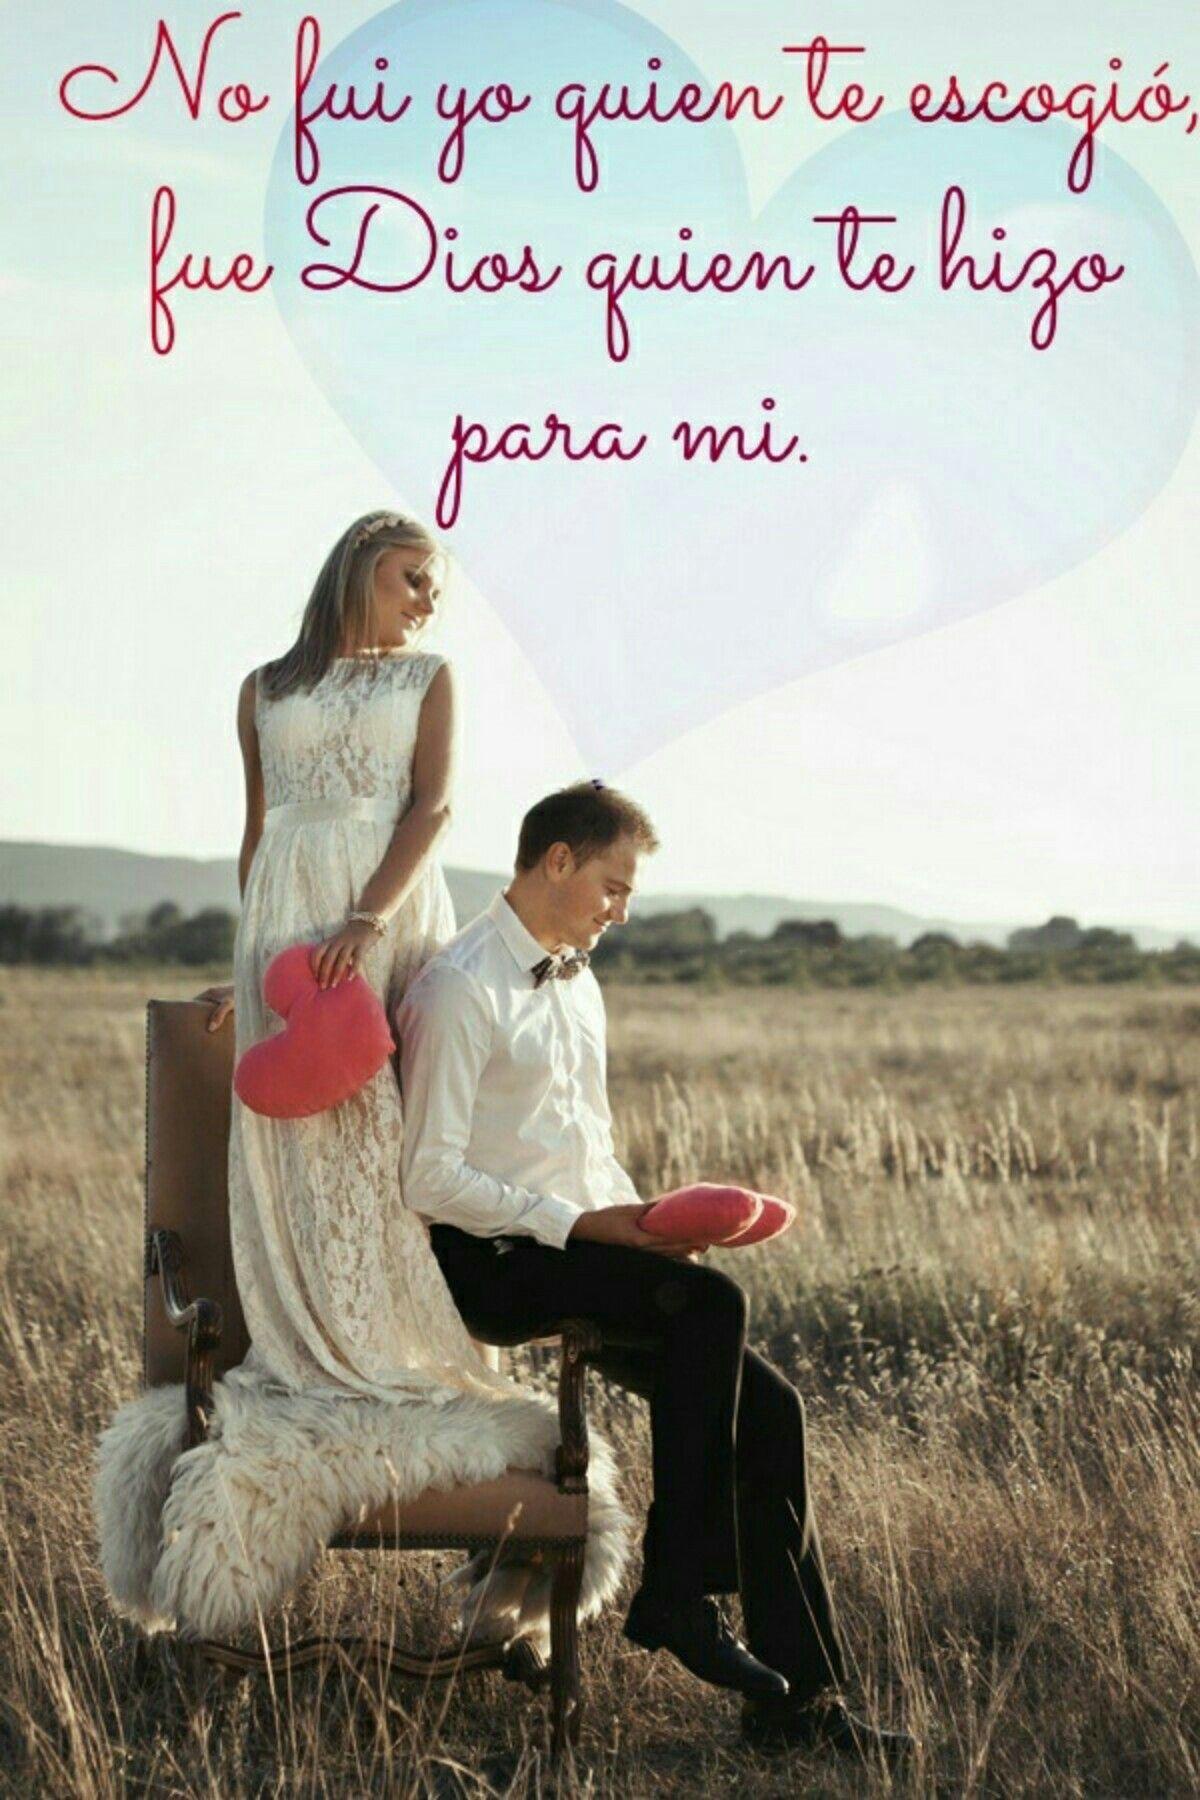 imágenes de Frases Para Esposos Enamorados dedicatorias para los esposos románticas frases para dedicar a tu esposo y vivir su amor